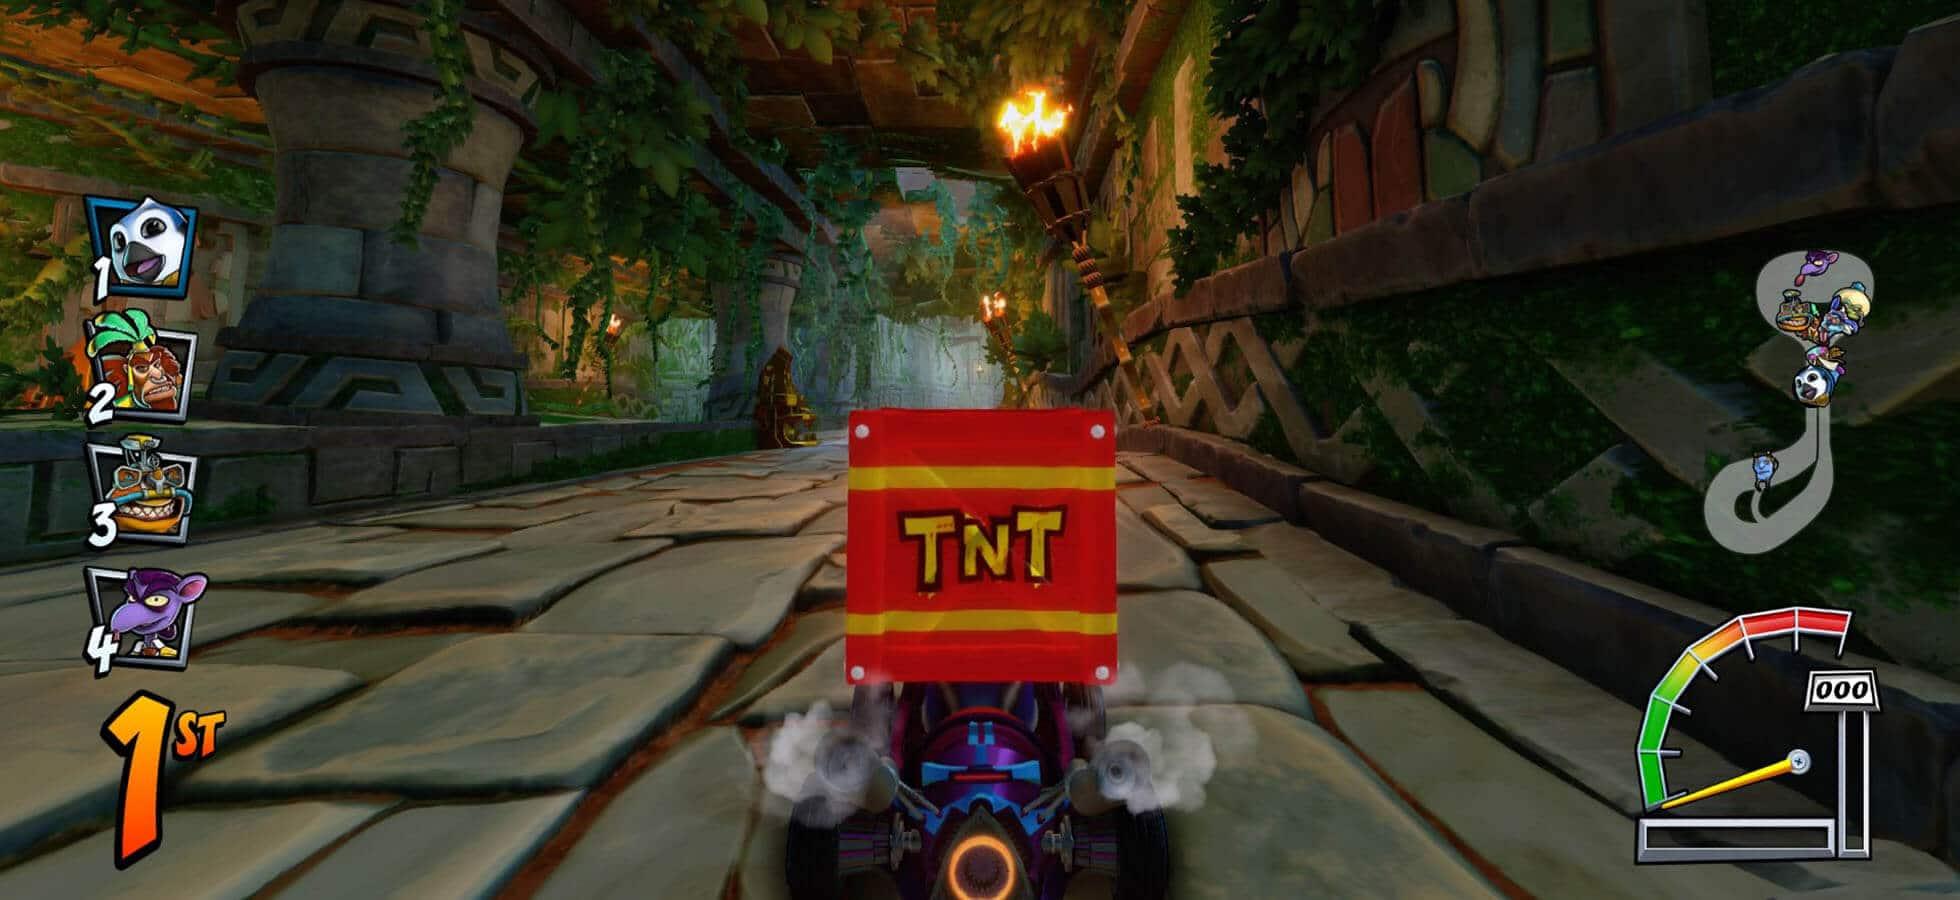 10 Hop to remove TNT crates